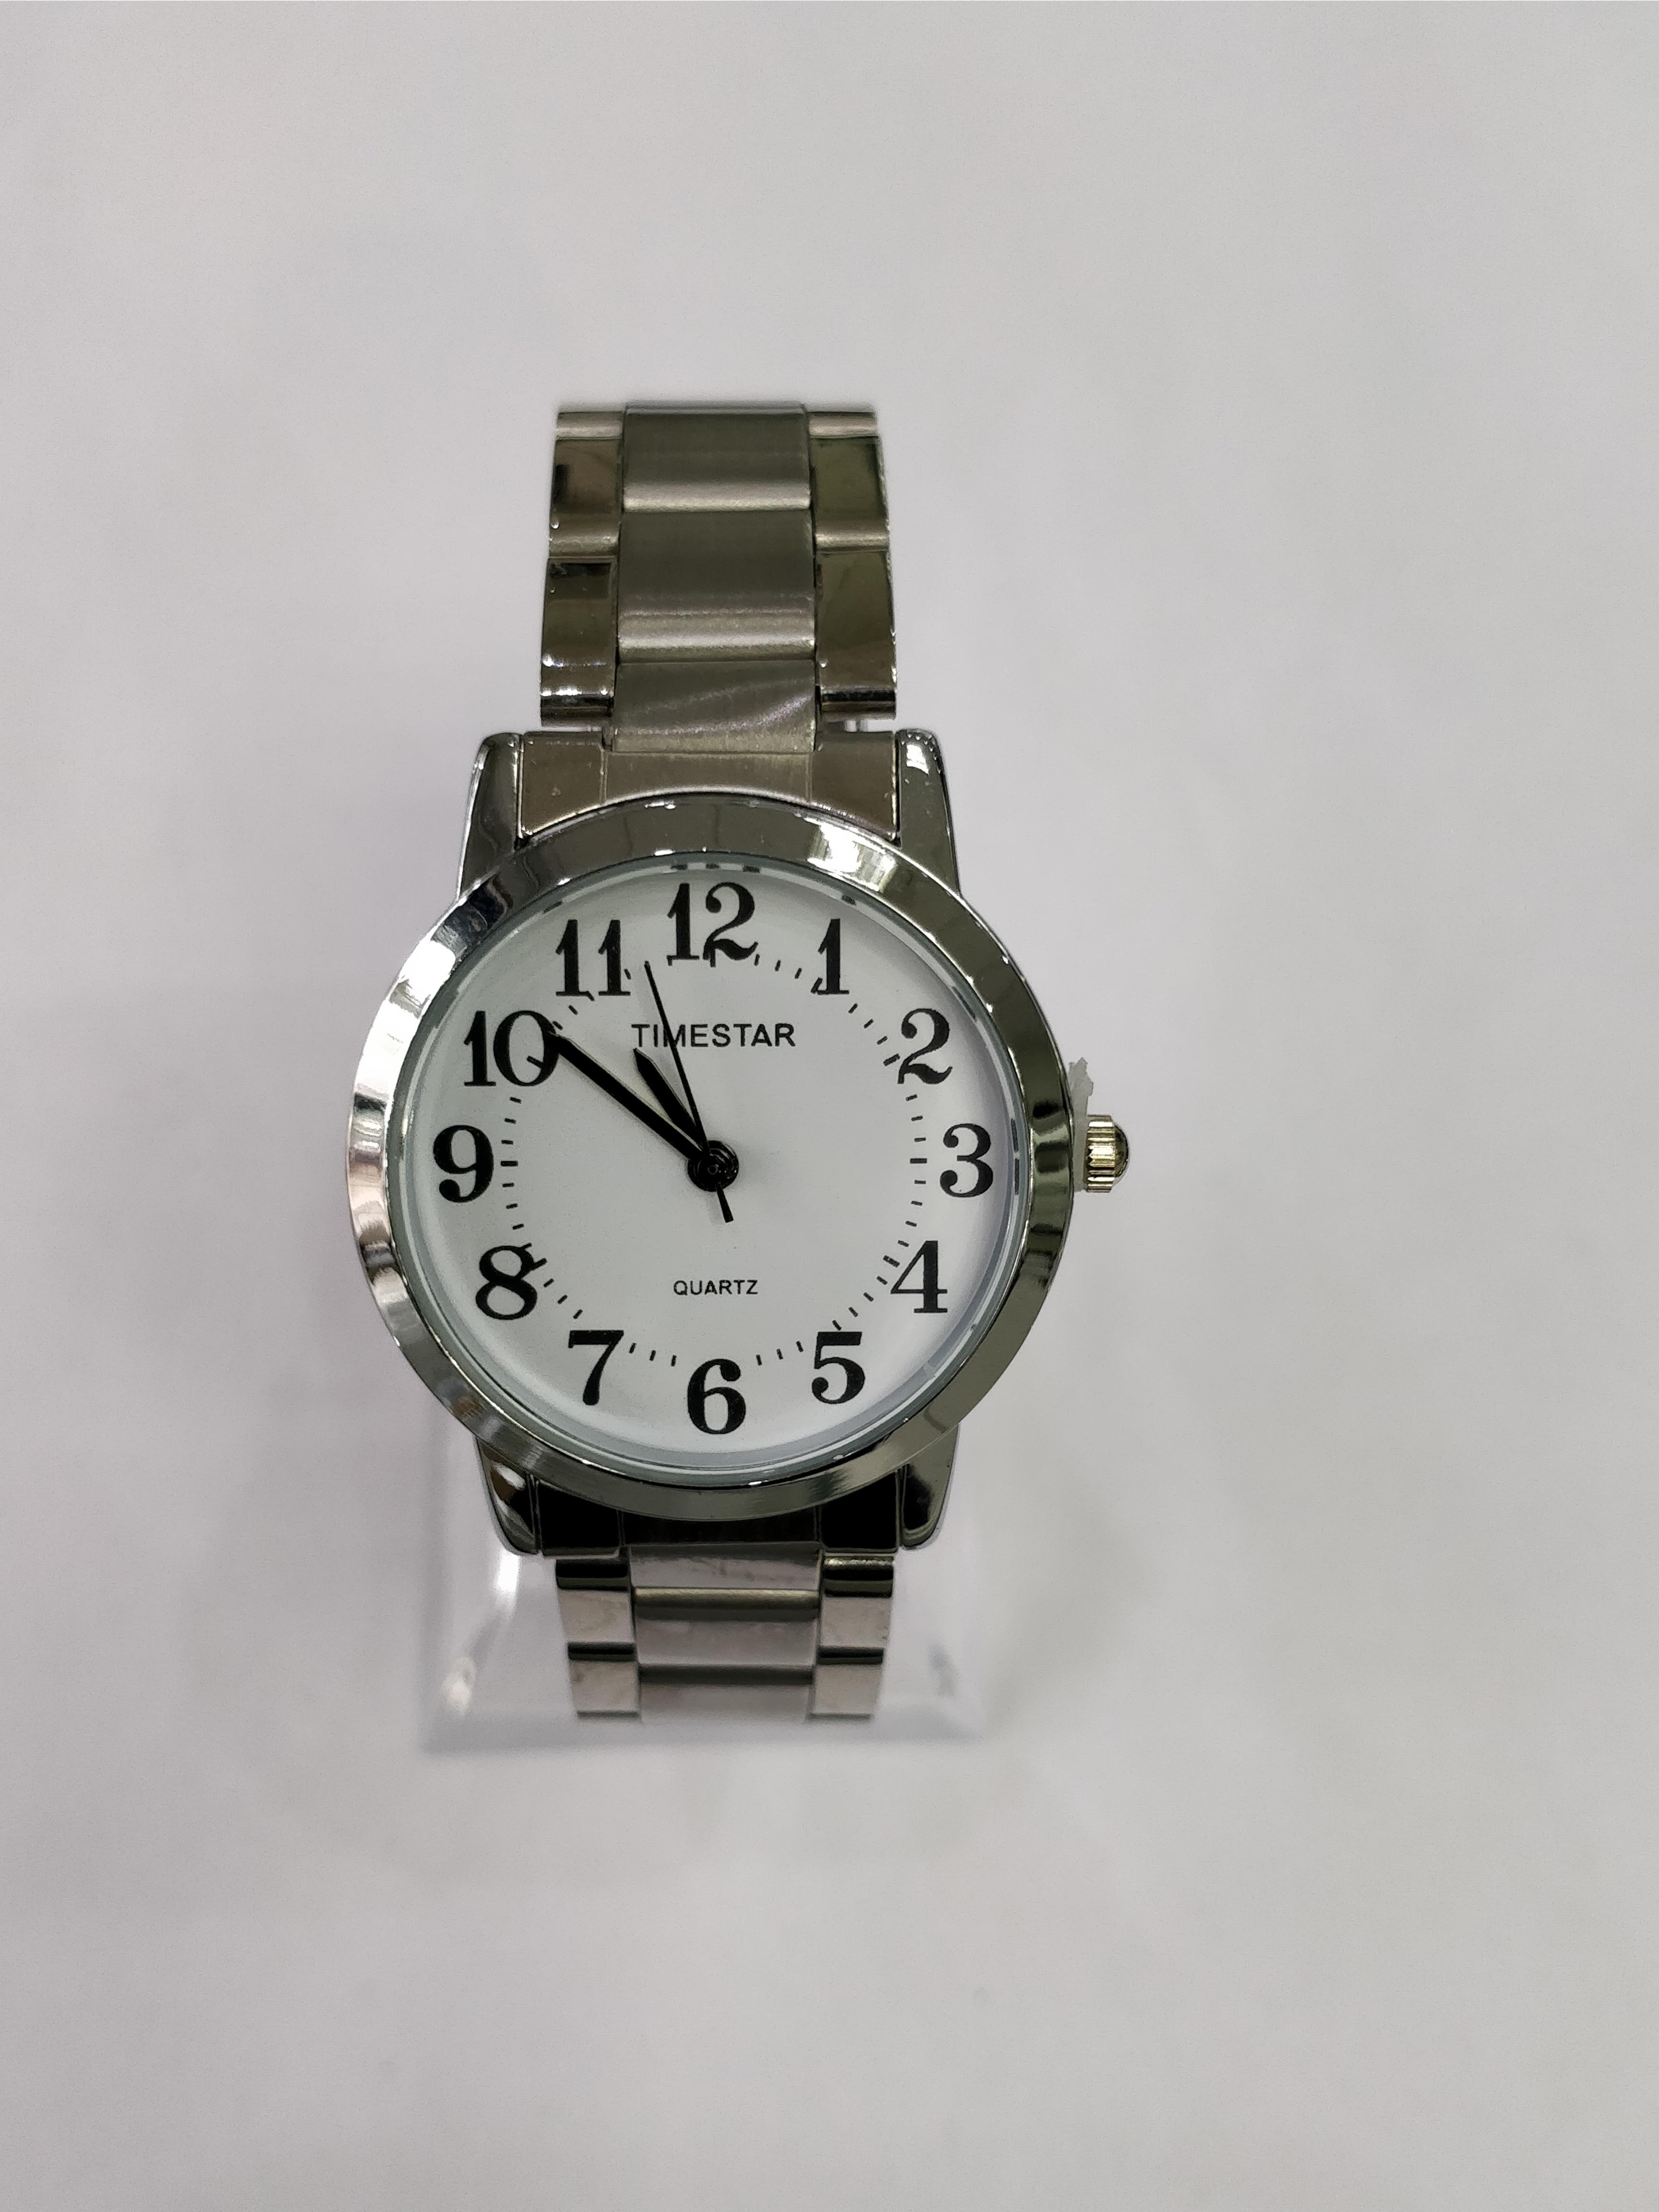 Timestar 8148L Női karóra – Karóra Shop 1813d90fee